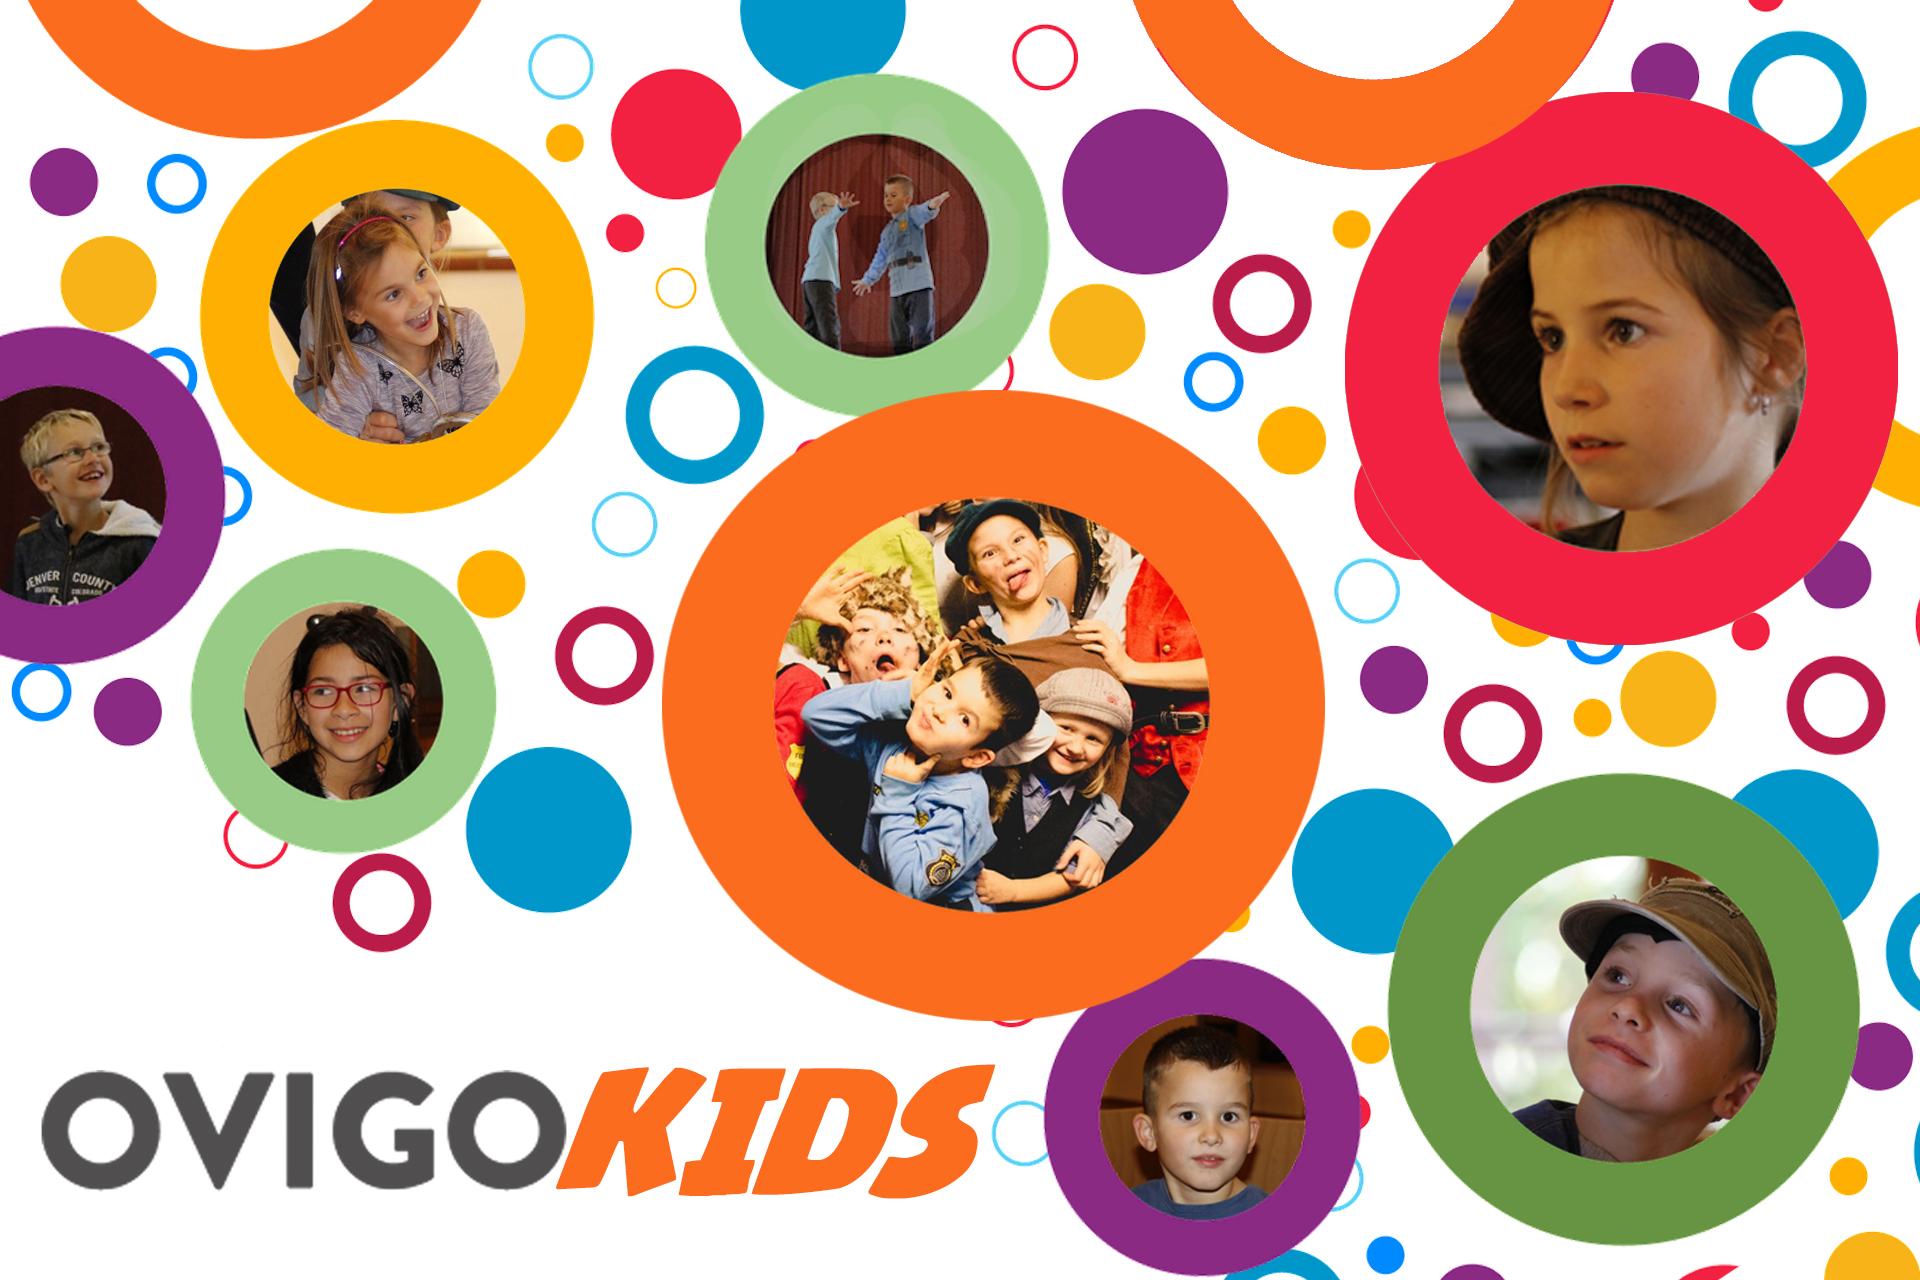 OVIGO Kids 2018